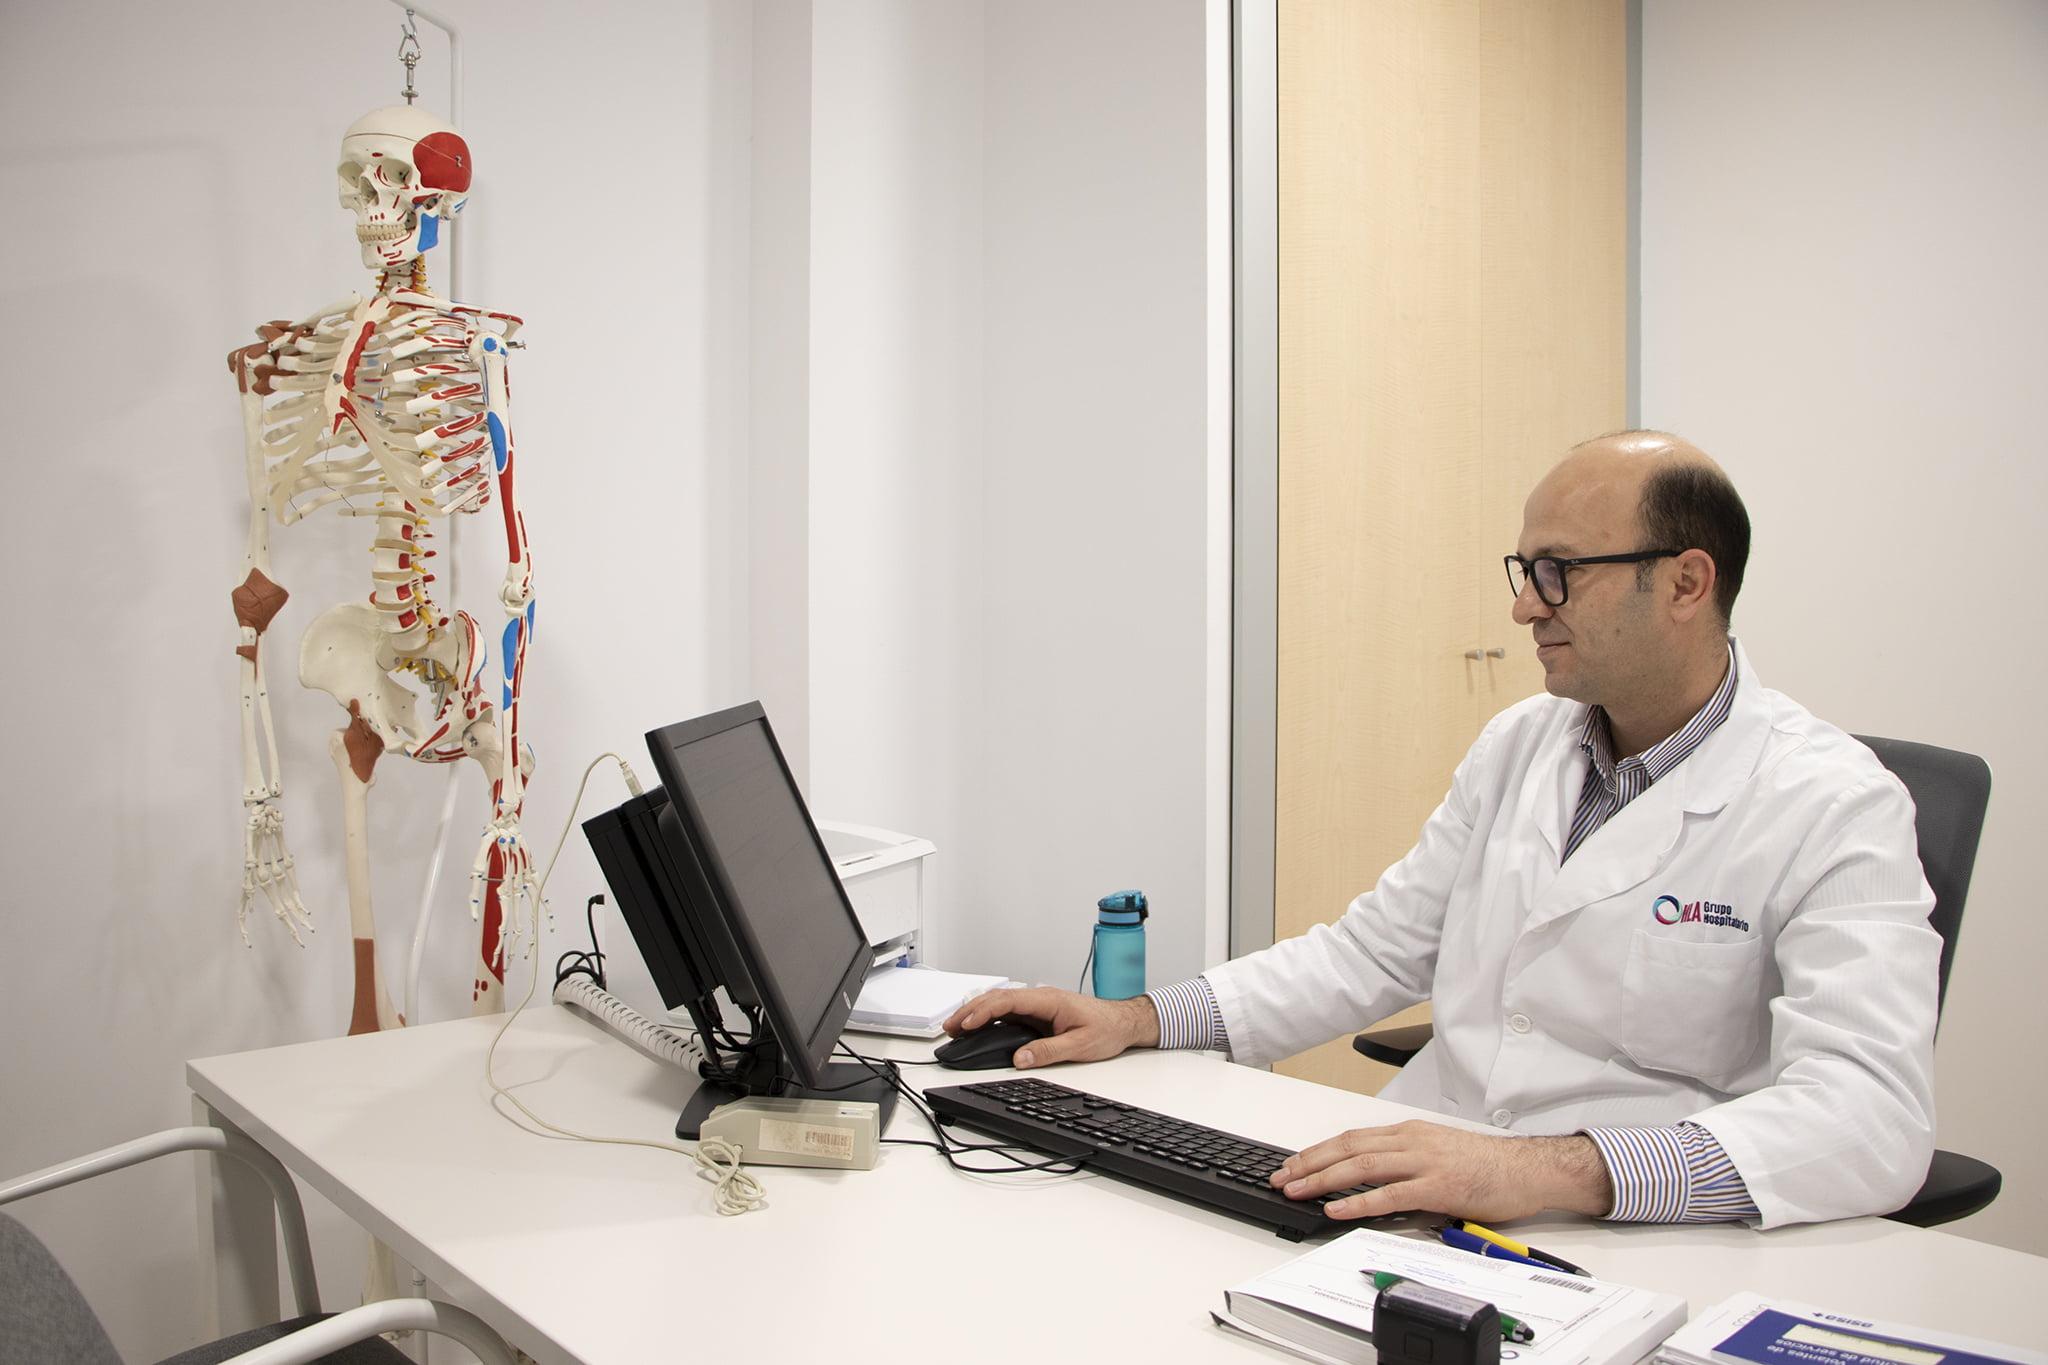 Consulta de traumatología, doctor Ahmedrajab – HLA San Carlos